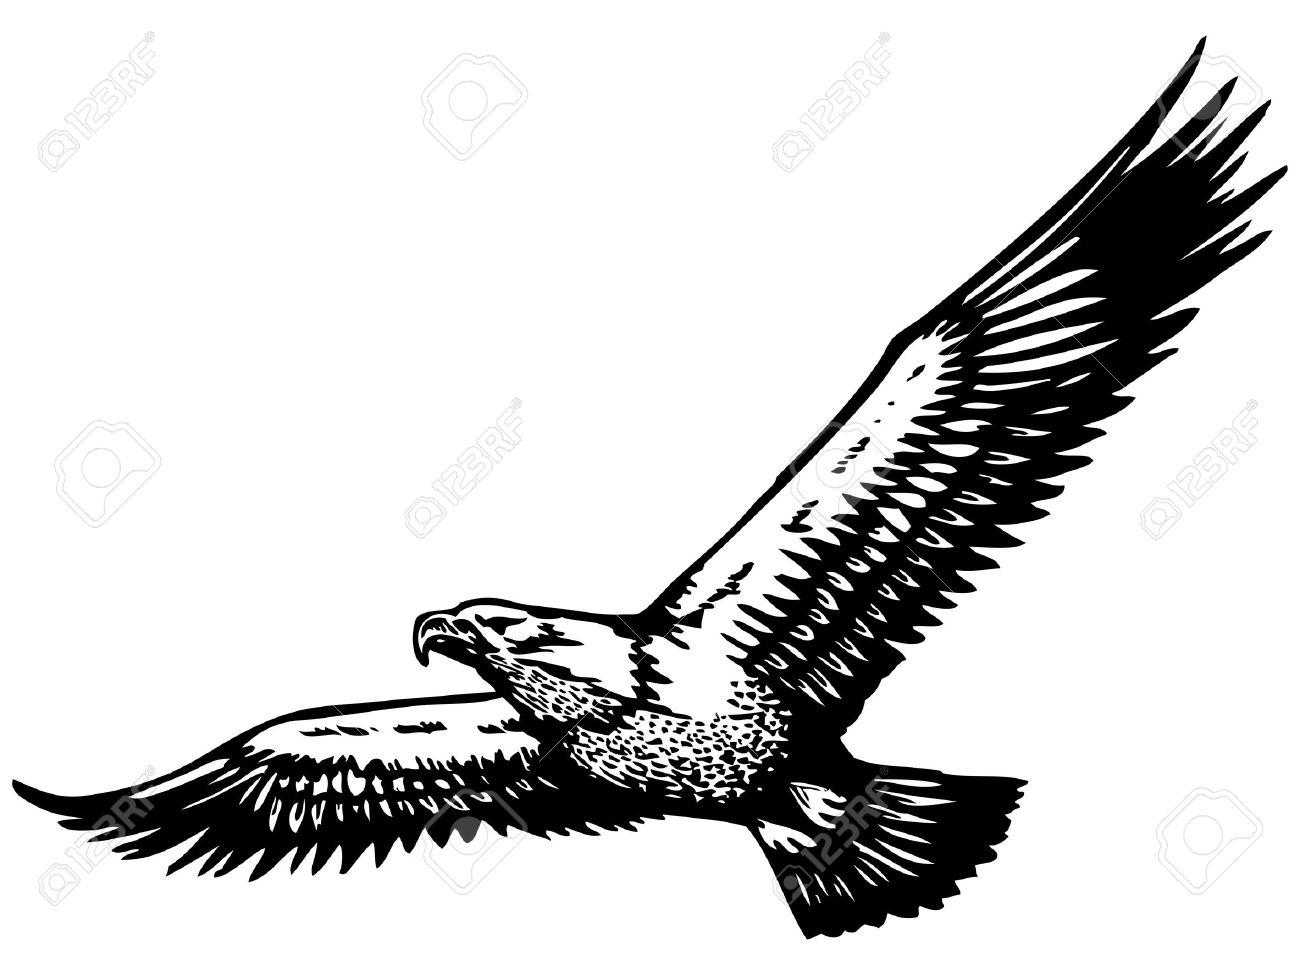 Eagle Outline Cliparts | Free download best Eagle Outline ...